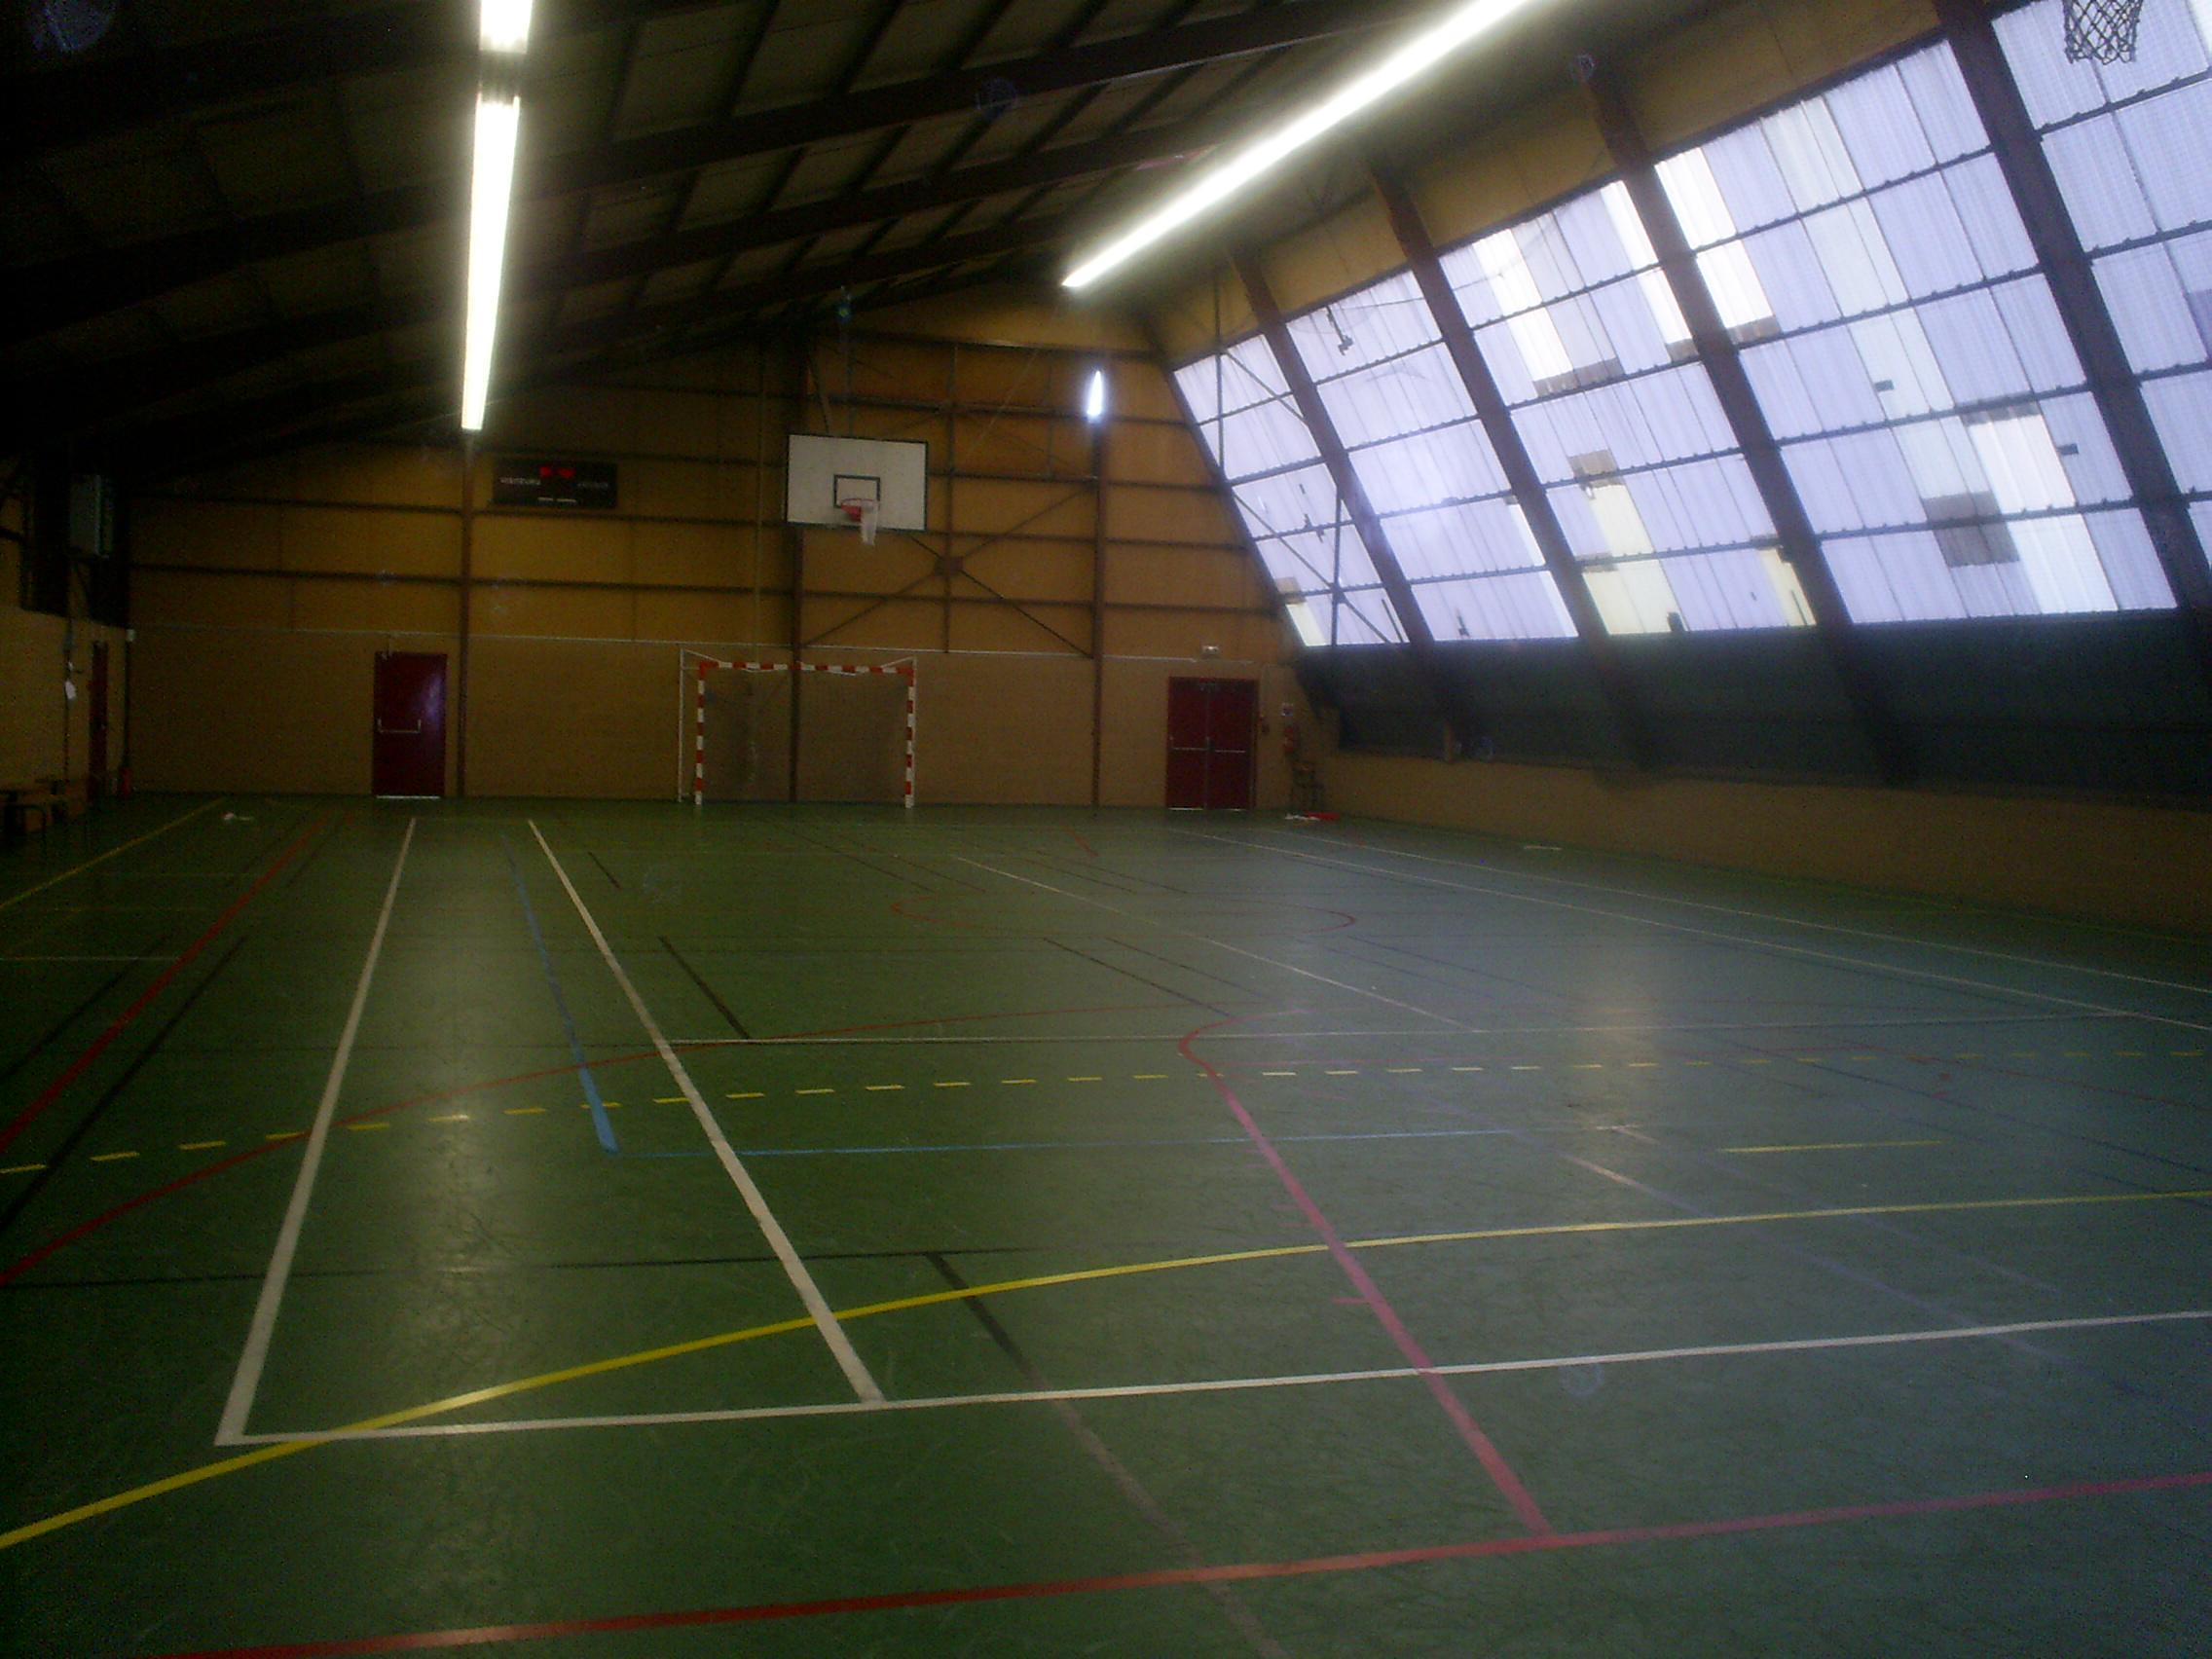 intérieur du gymnase avant montage du terrain